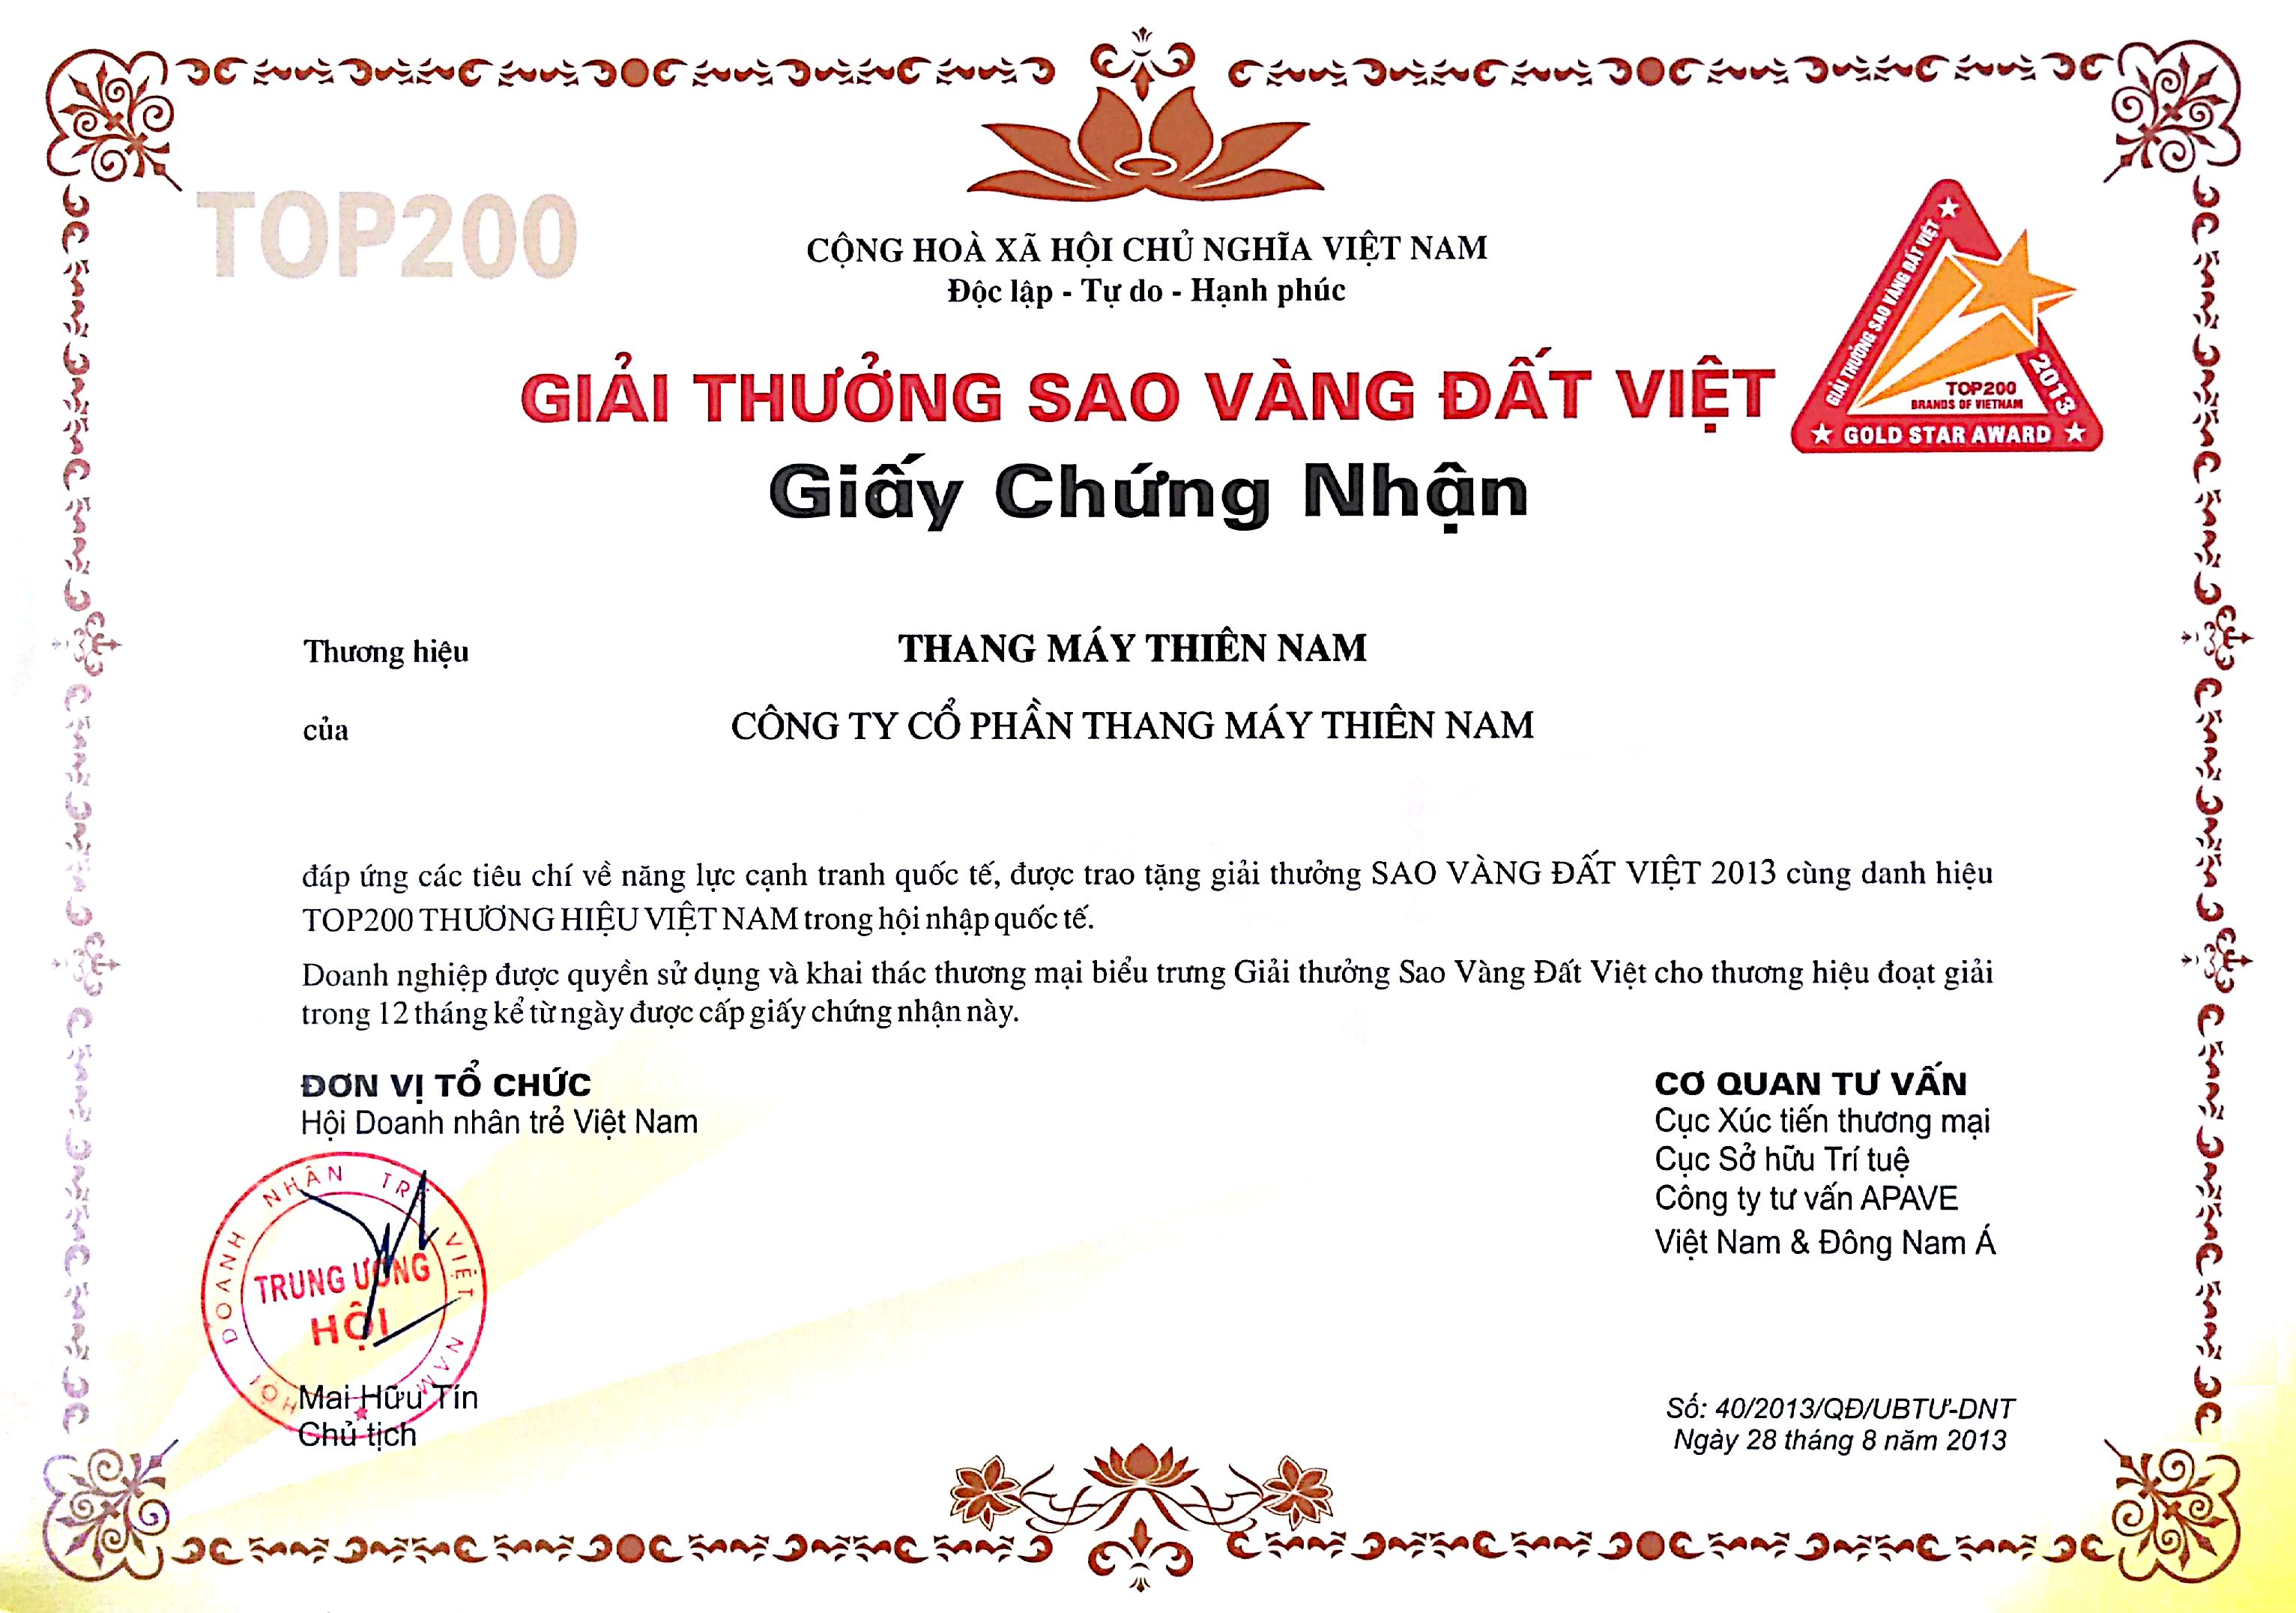 Giải thưởng Sao Vàng Đất Việt 2013